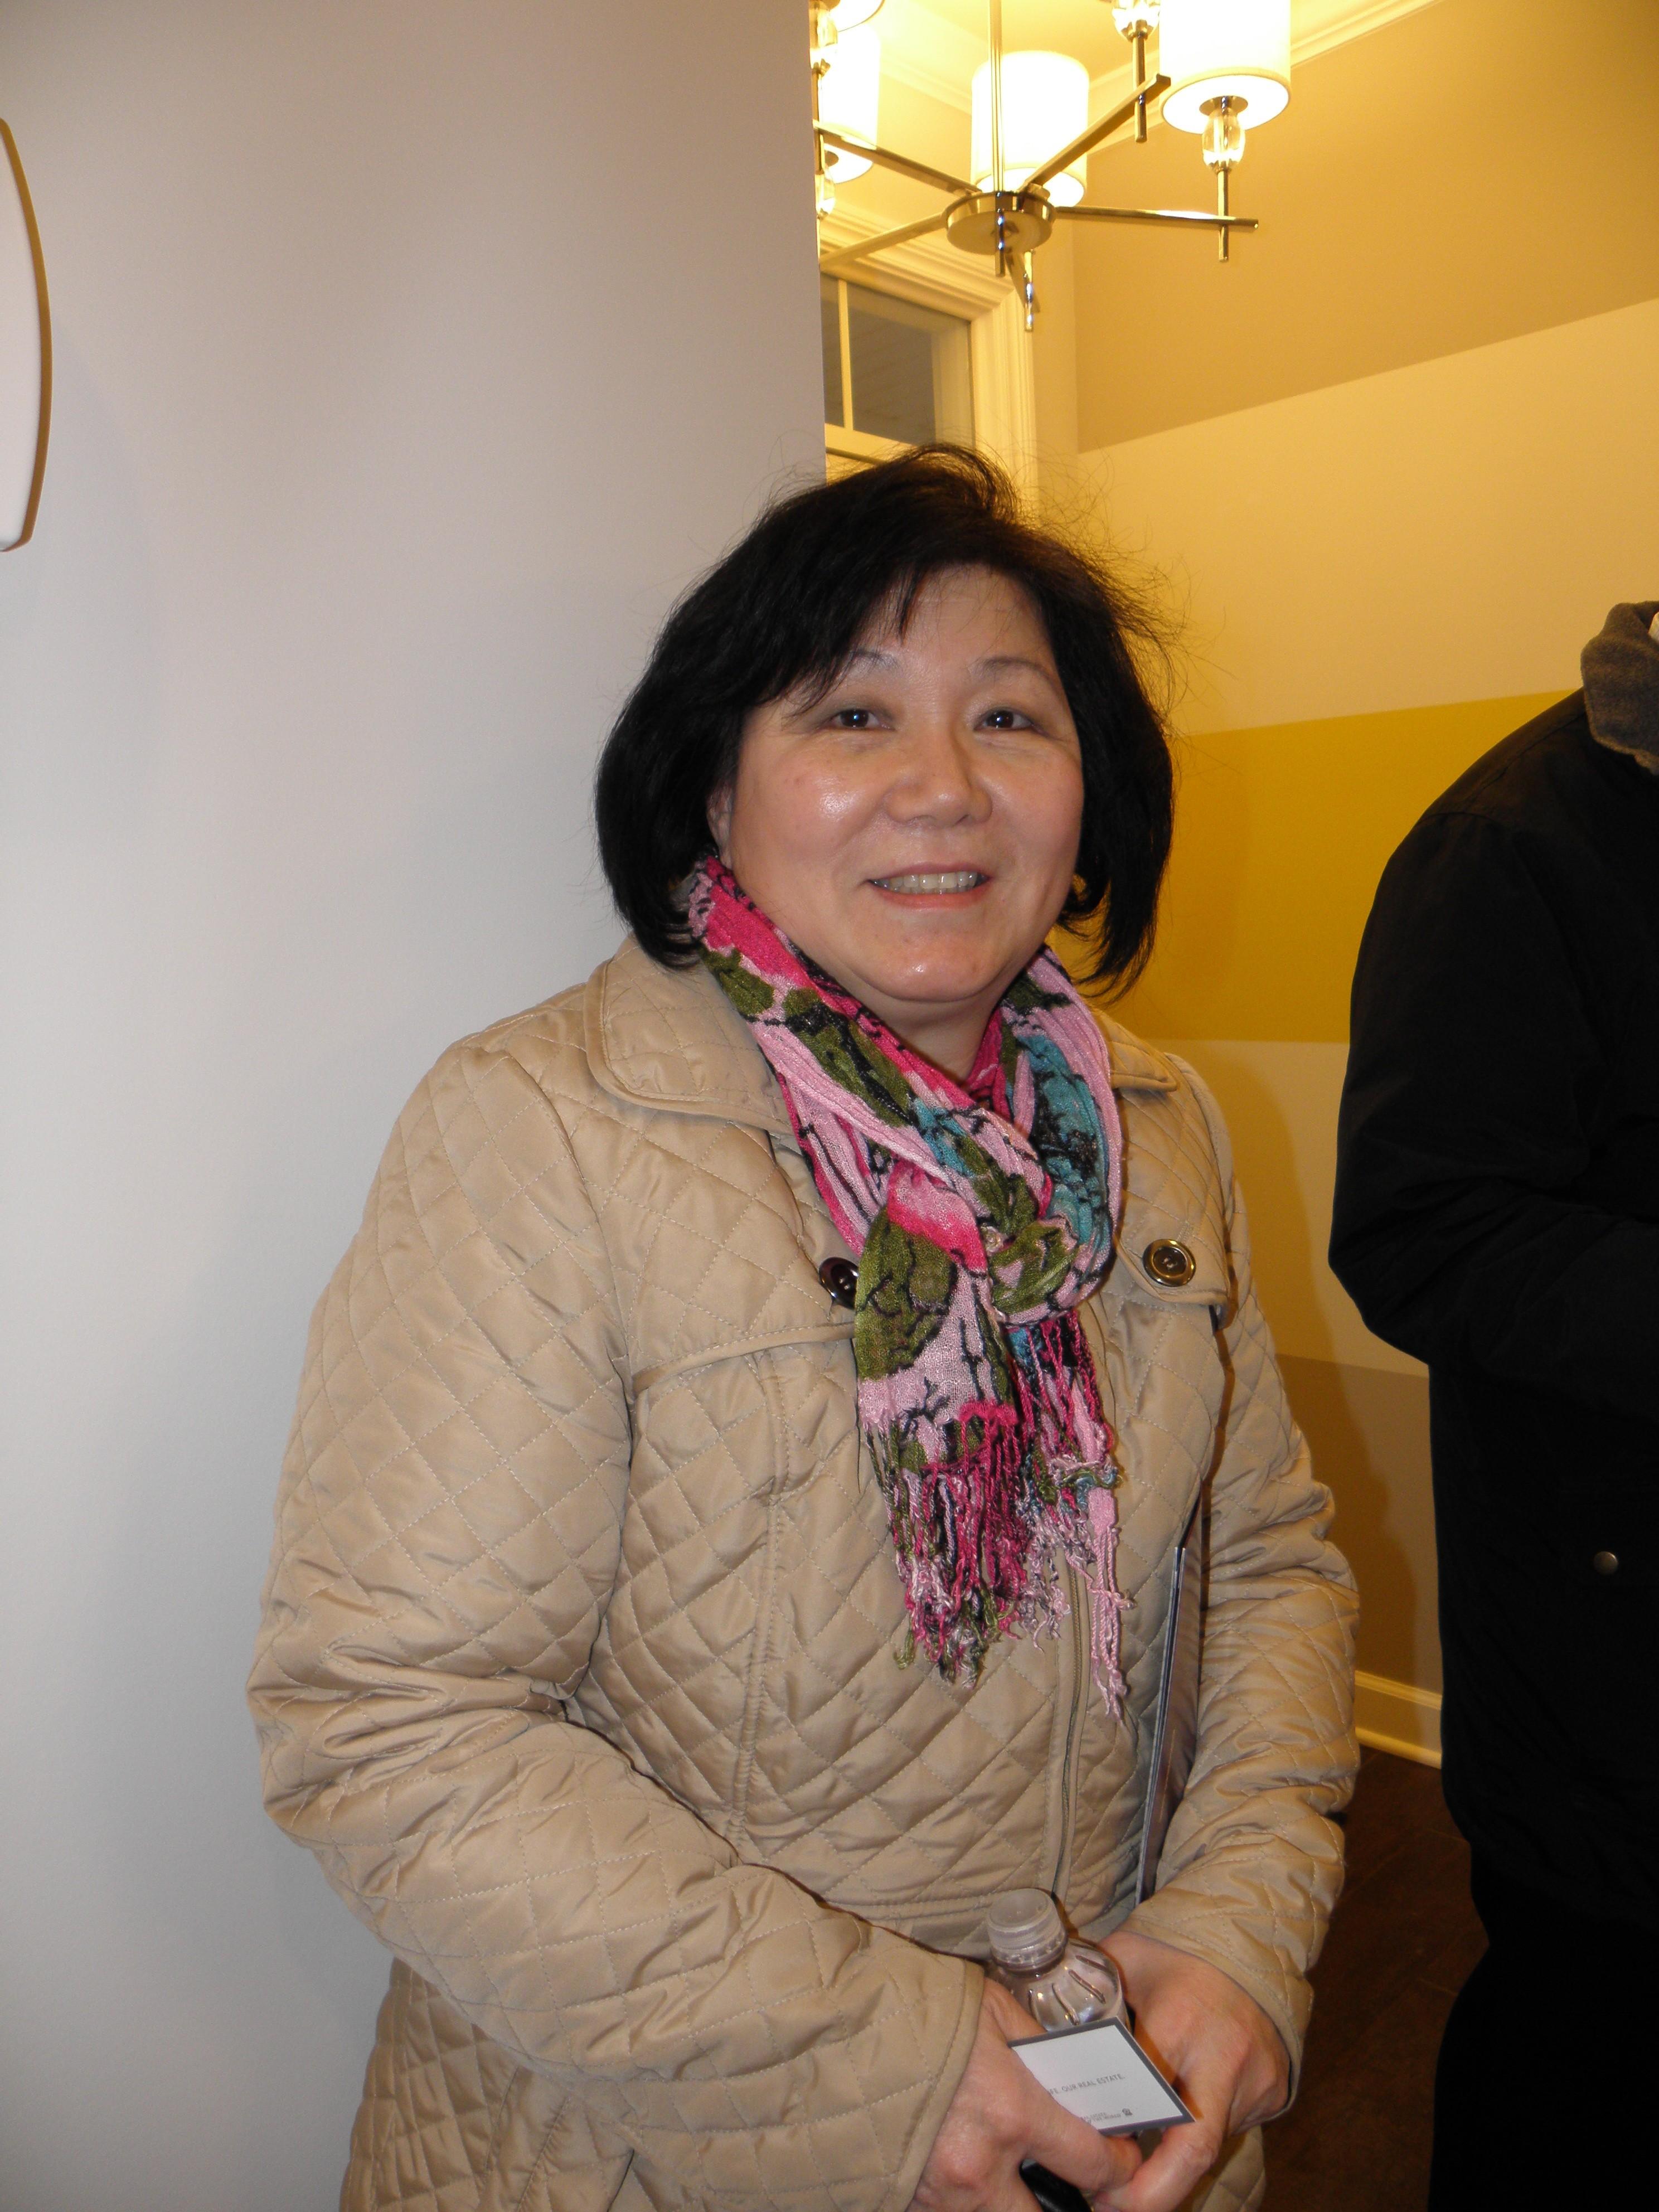 Wendy-Kiang-e1457717917203.jpg